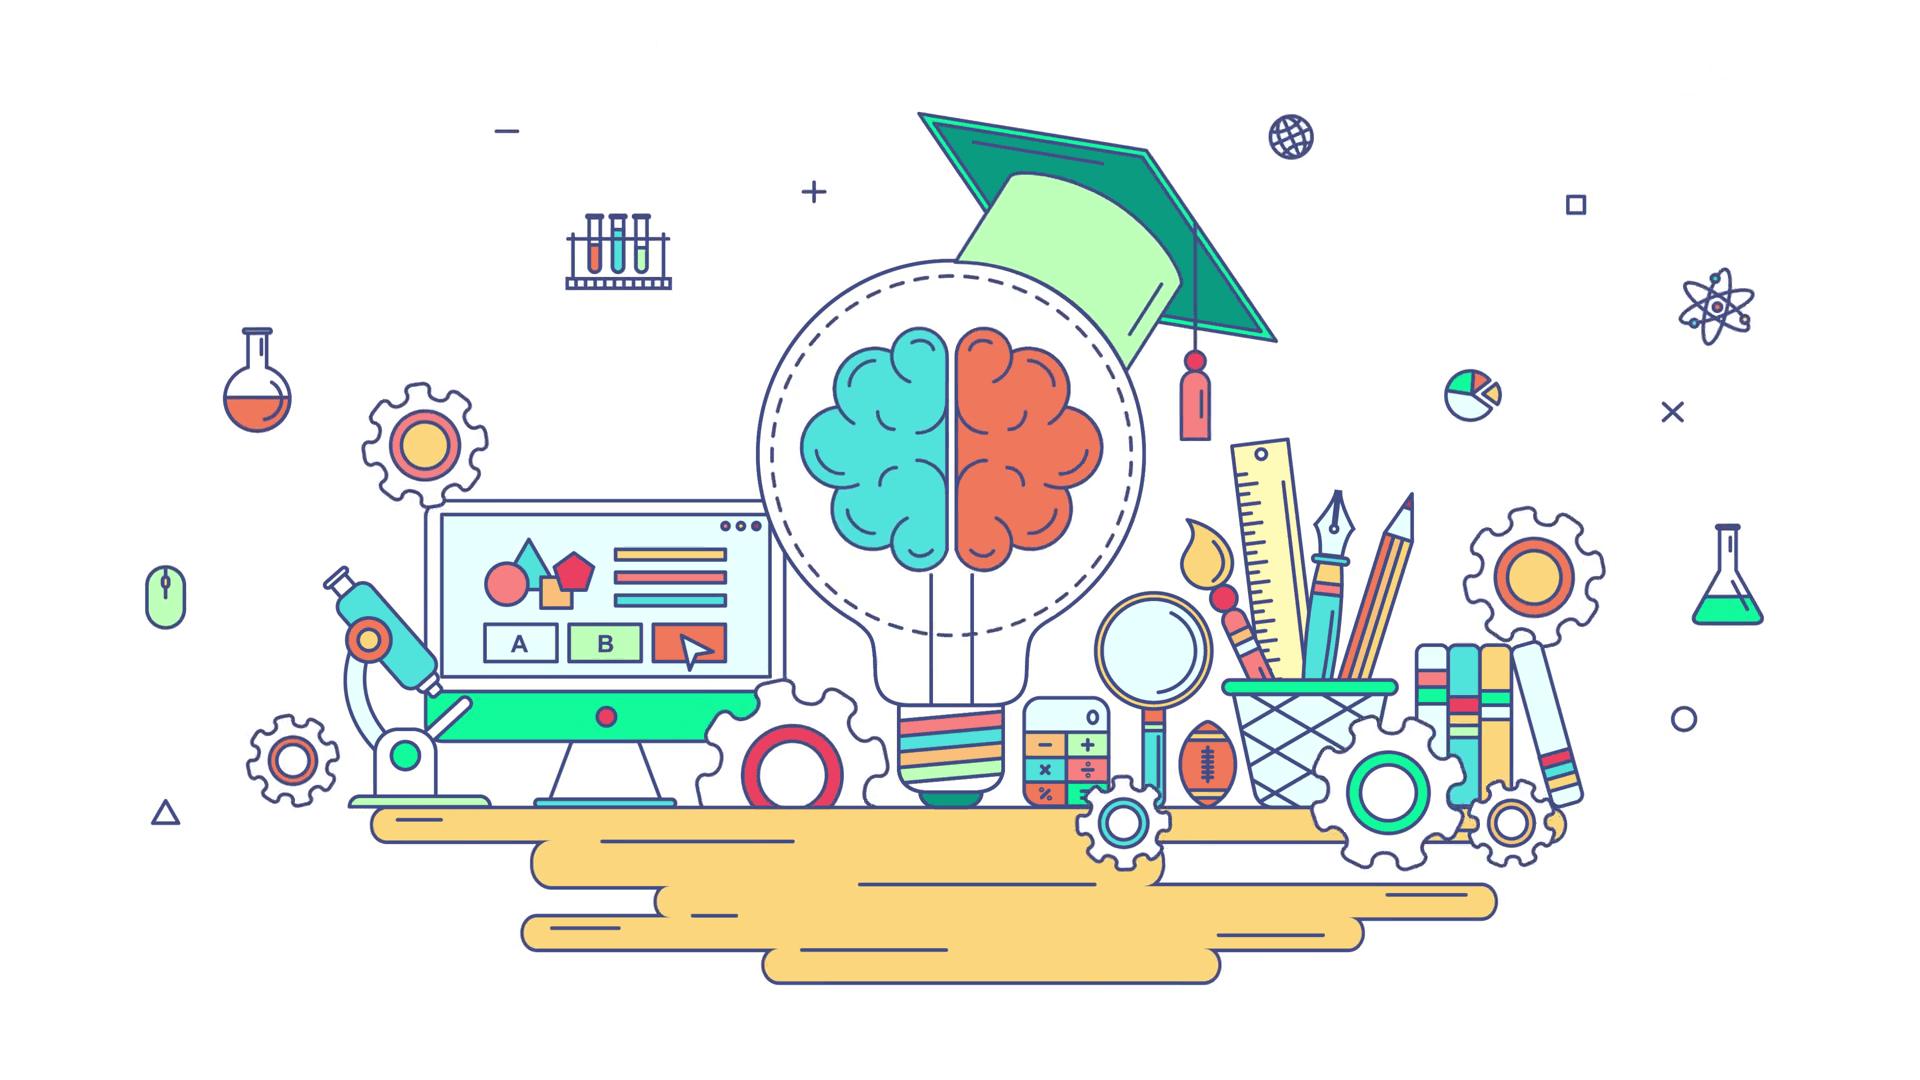 Cultura Maker & Aprendizagem Criativa: Como preparar os alunos para os desafios do século 21?